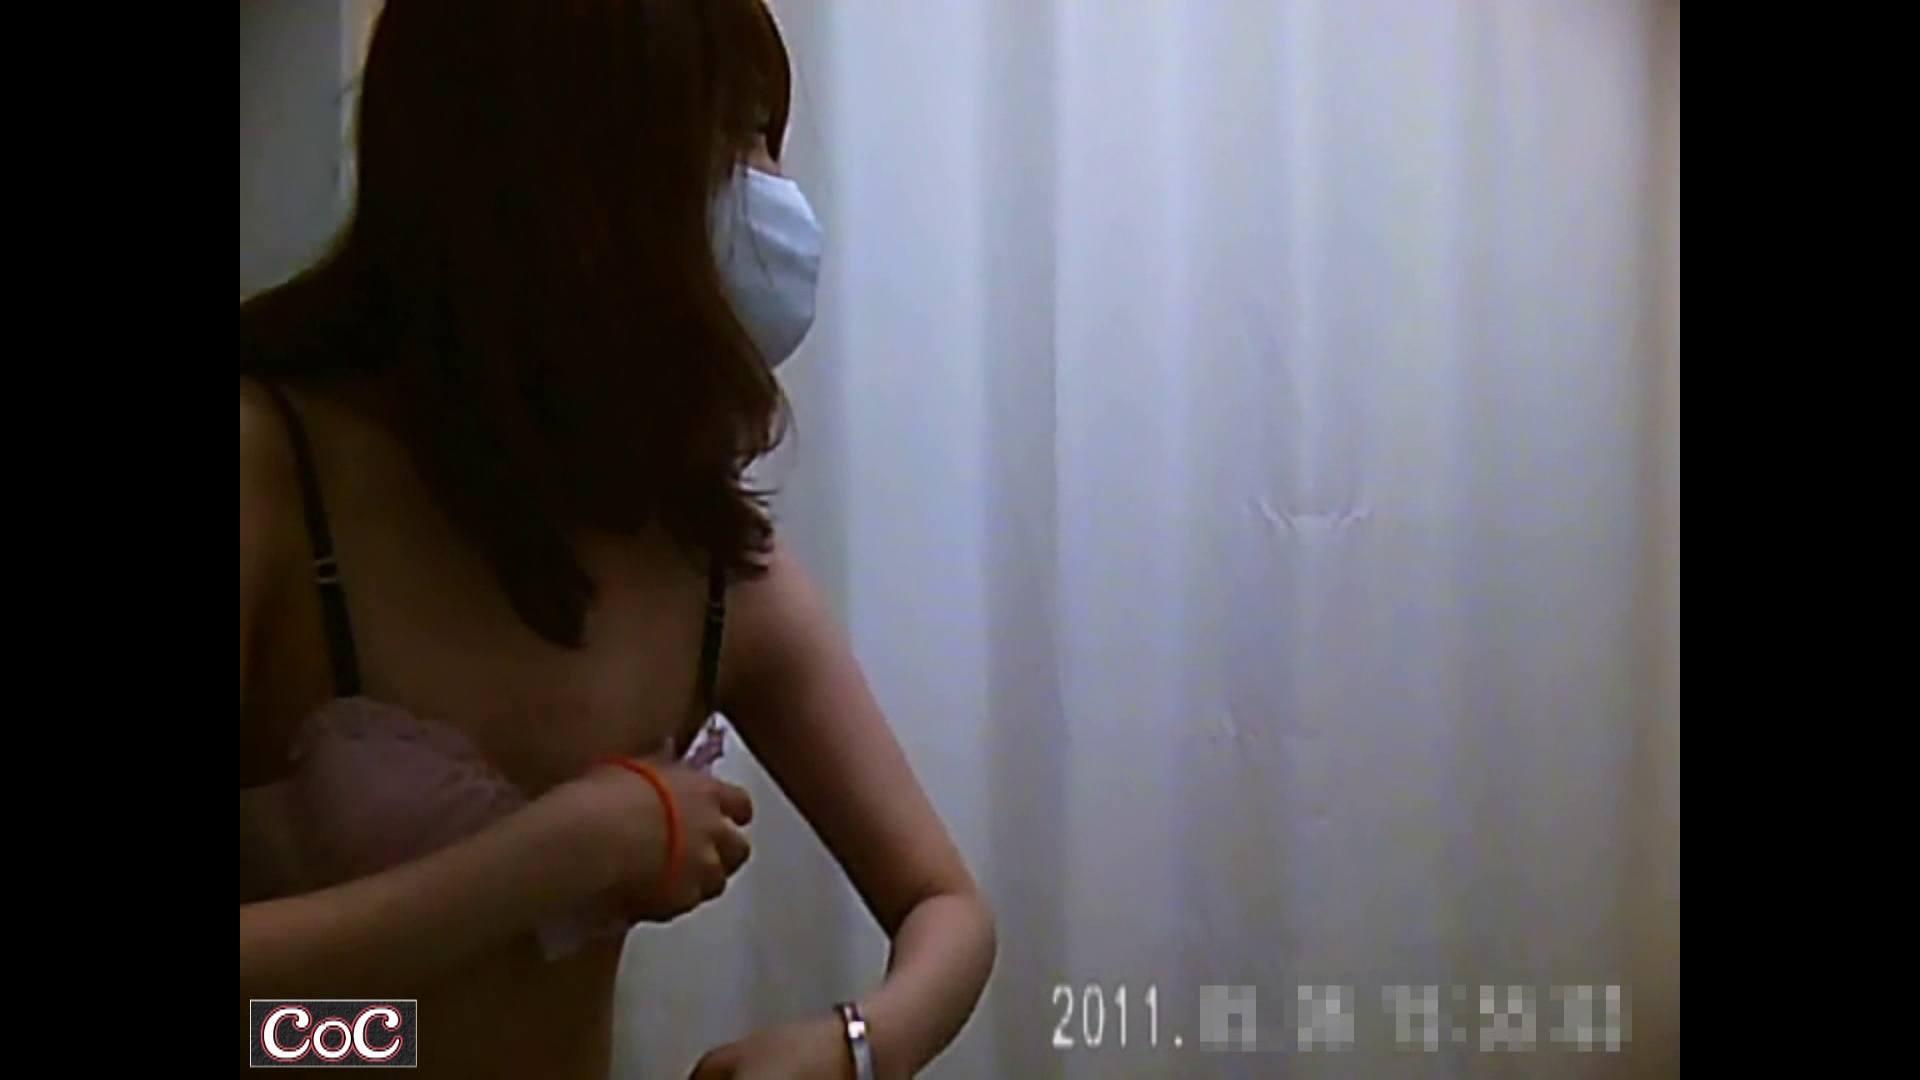 元医者による反抗 更衣室地獄絵巻 vol.167 OL  59pic 19